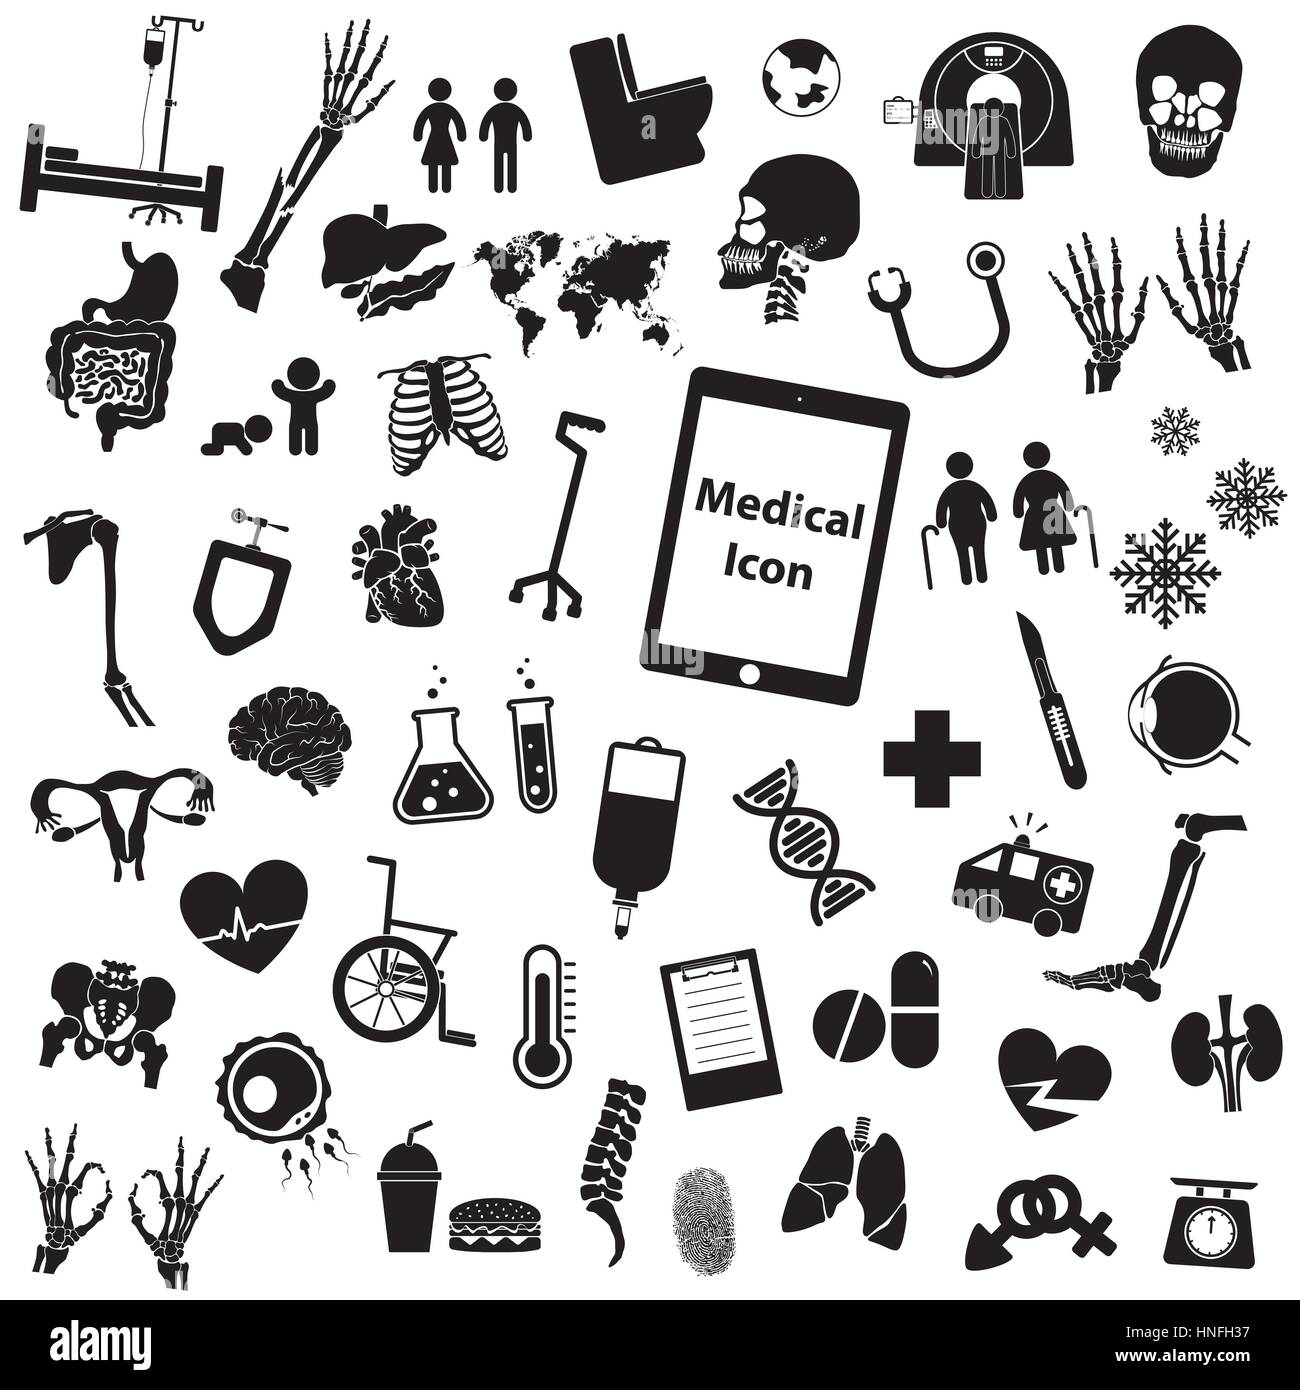 Medizinische Gruppensymbol (Bein, Hand, Reagenzglas, Brust ...